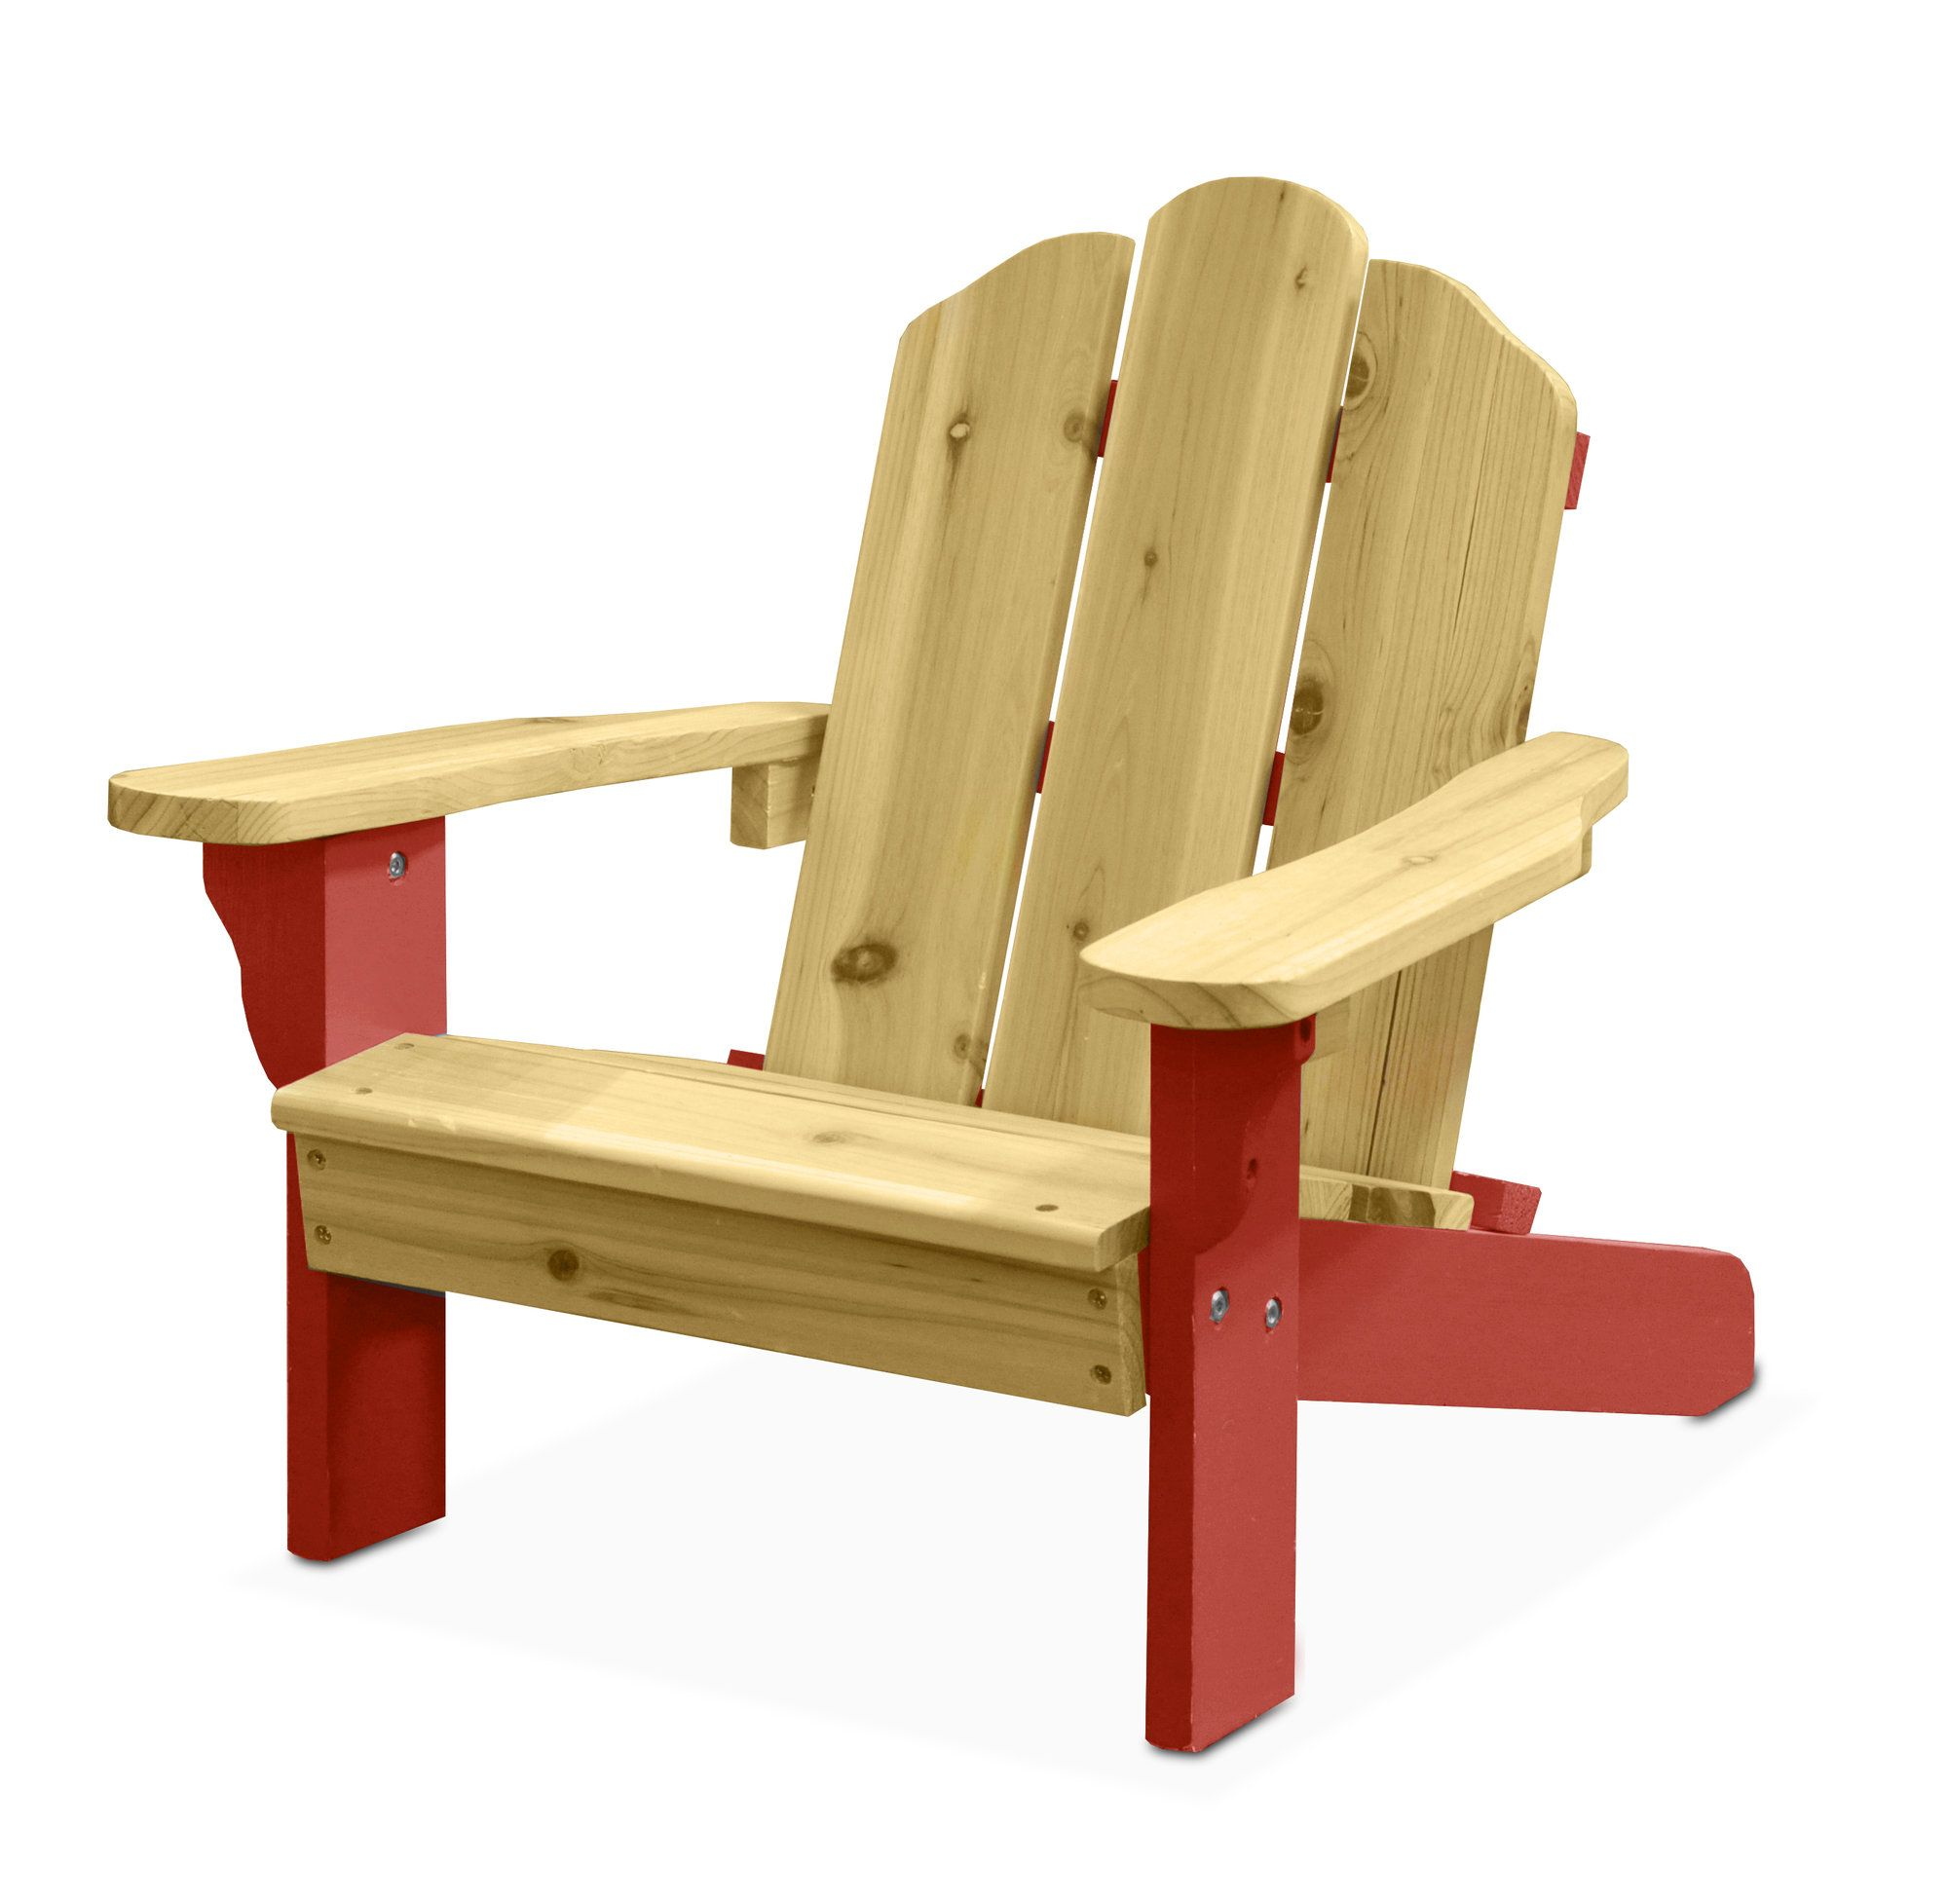 Garett Kids Plastic Adirondack Chair Kids Adirondack Chair